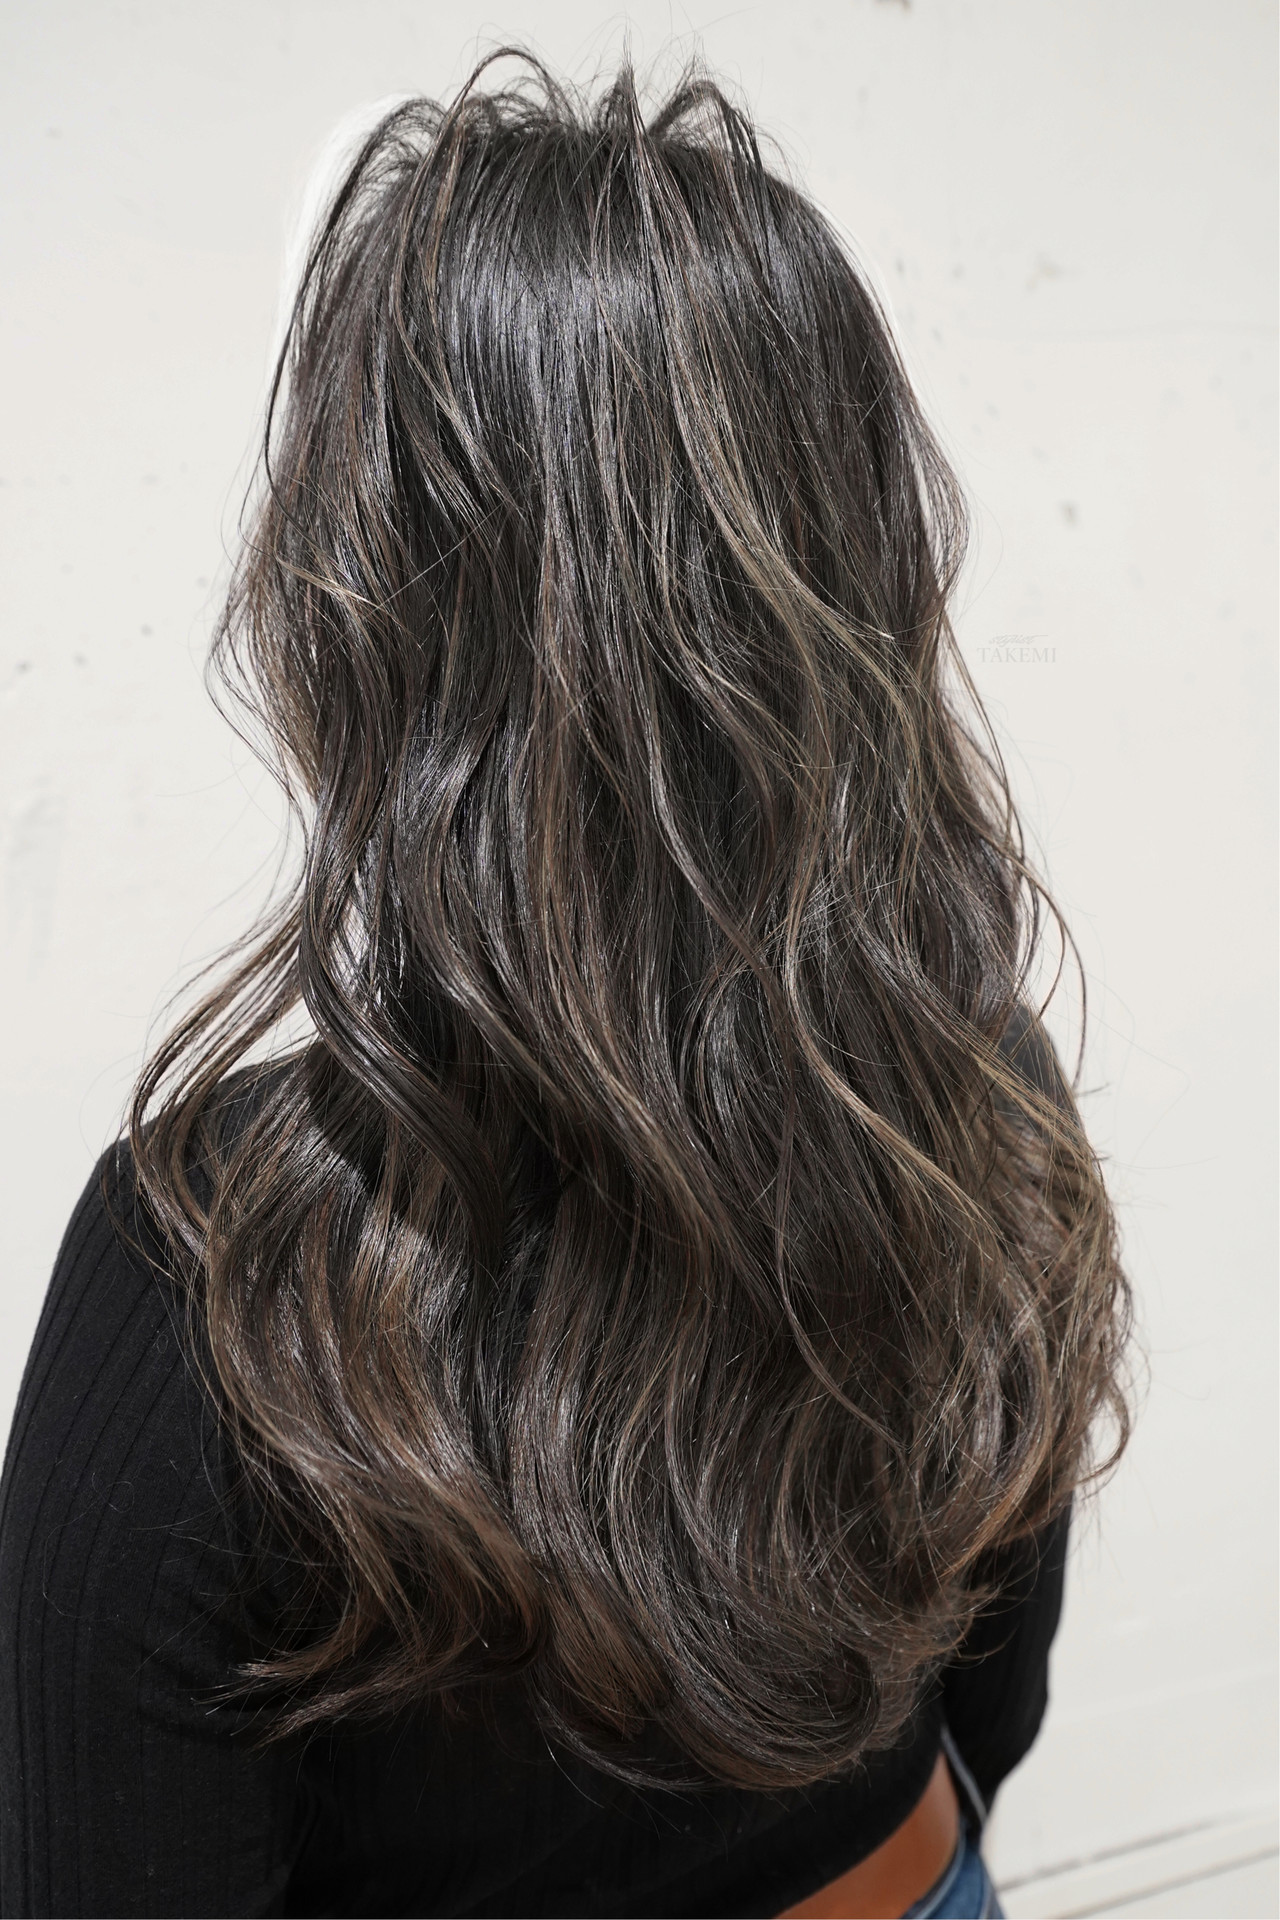 バレイヤージュ グレージュ ハイライト ナチュラル ヘアスタイルや髪型の写真・画像